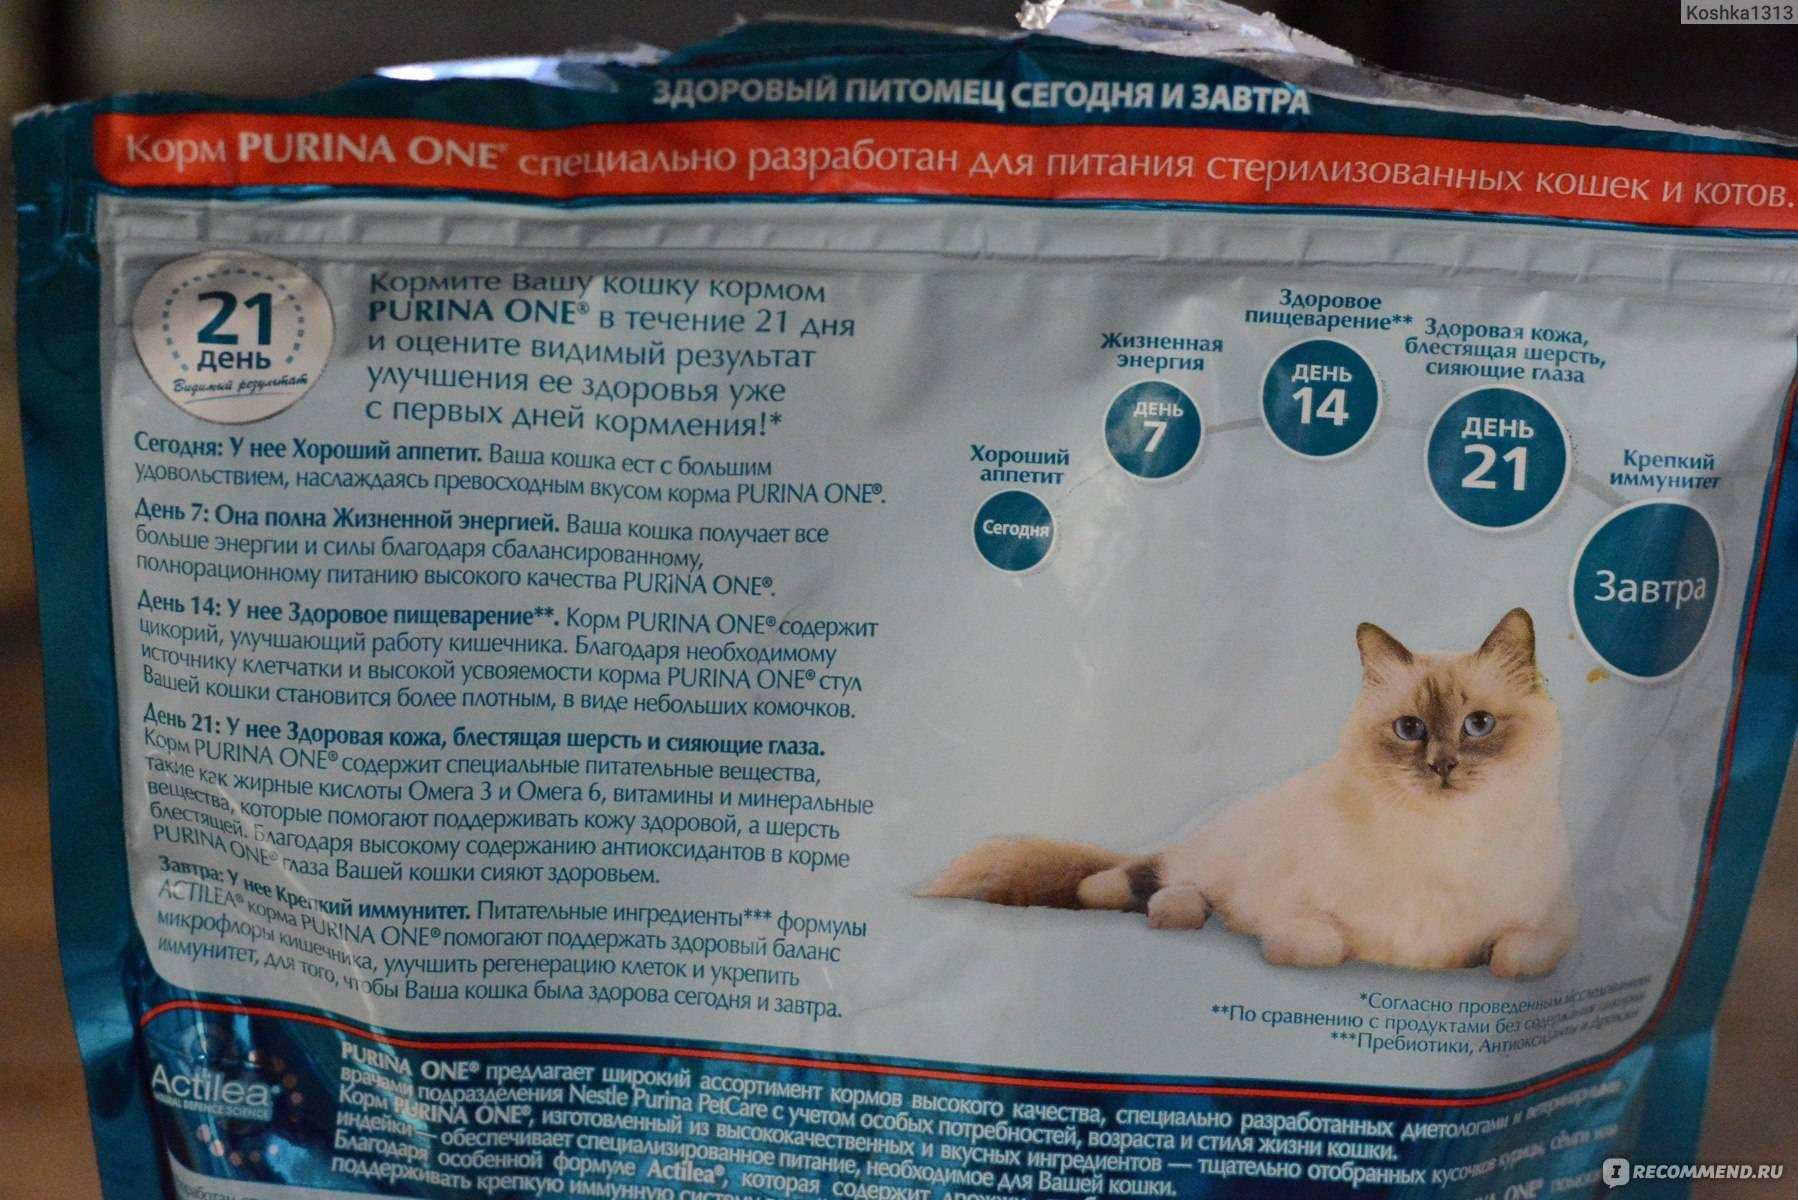 Корм для кошек пурина one: описание и отзывы ветеринаров